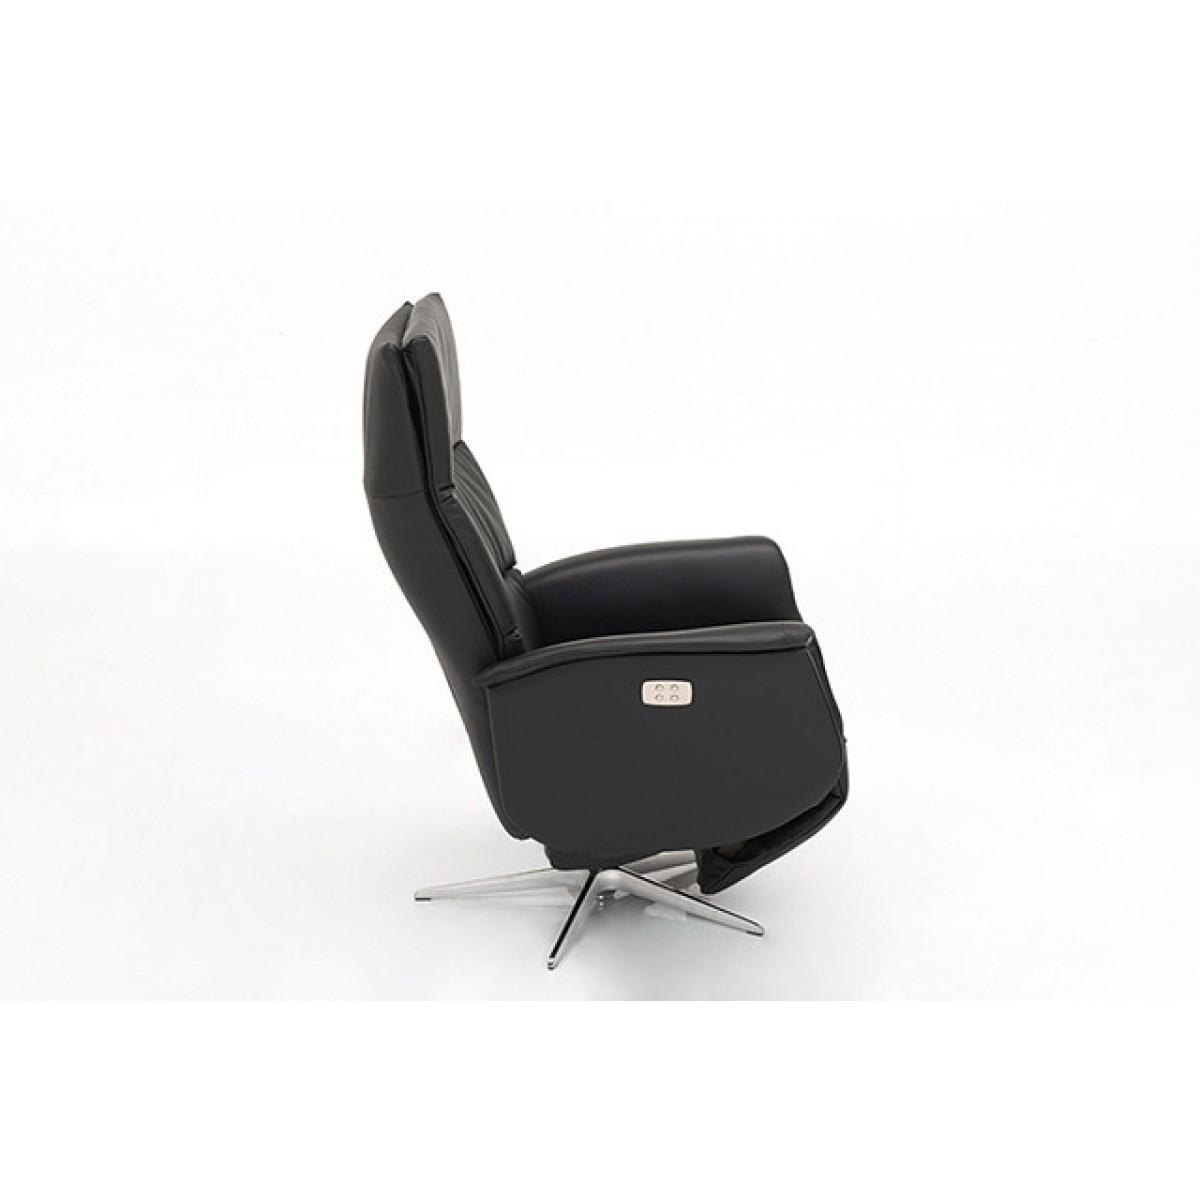 arne relaxsessel hjort knudsen i live design preisg nstig online moebel kaufen. Black Bedroom Furniture Sets. Home Design Ideas